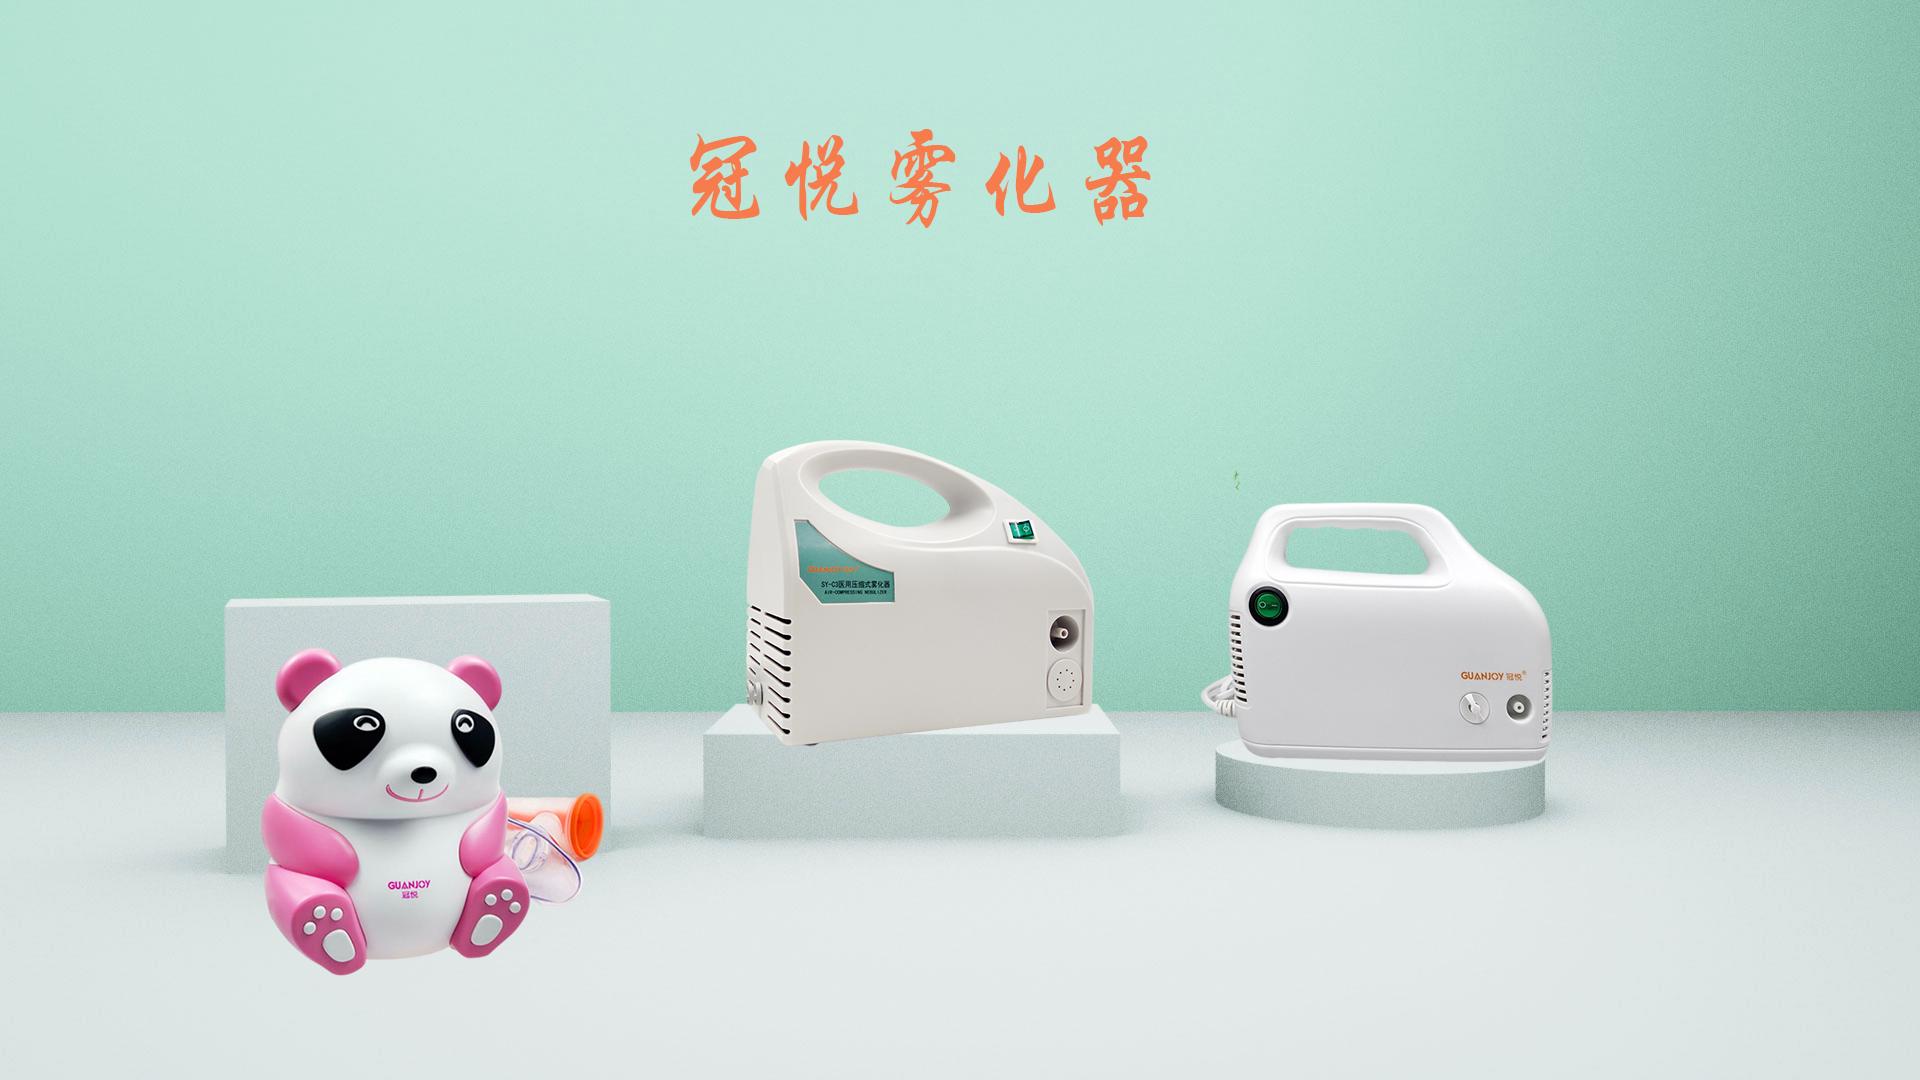 雾化器厂家:家用雾化器和万博网页版登陆页面雾化器的区别!